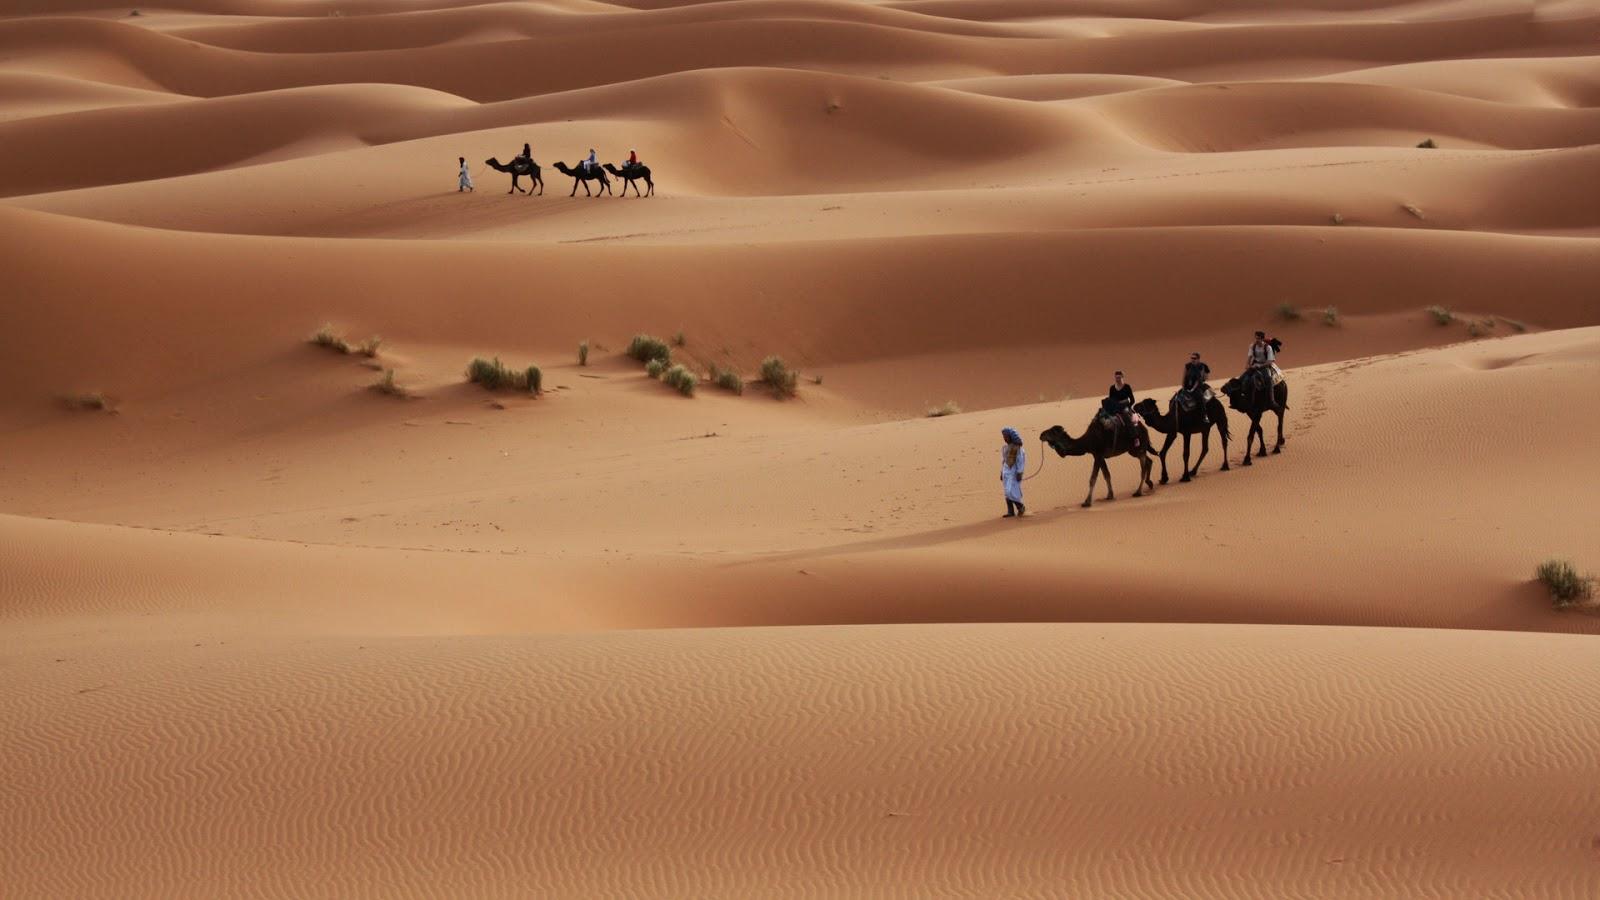 deserts camel images best hd widescreen desktop wallpaper